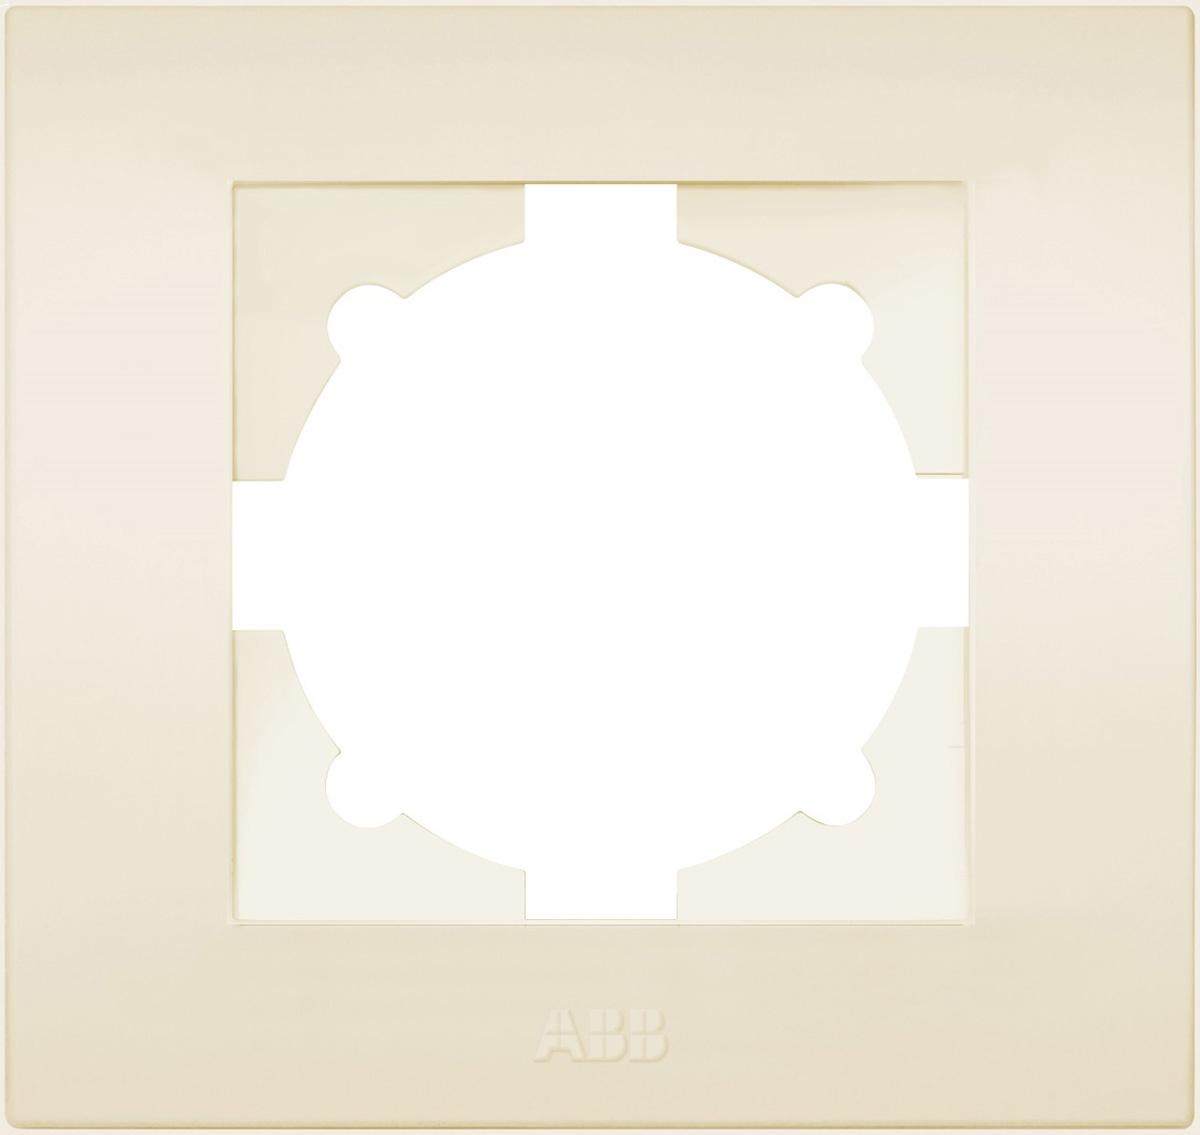 Рамка электроустановочная ABB Cosmo, на 1 пост, цвет: кремовый рамка для розеток и выключателей горизонтальная 1 пост цвет бежевый